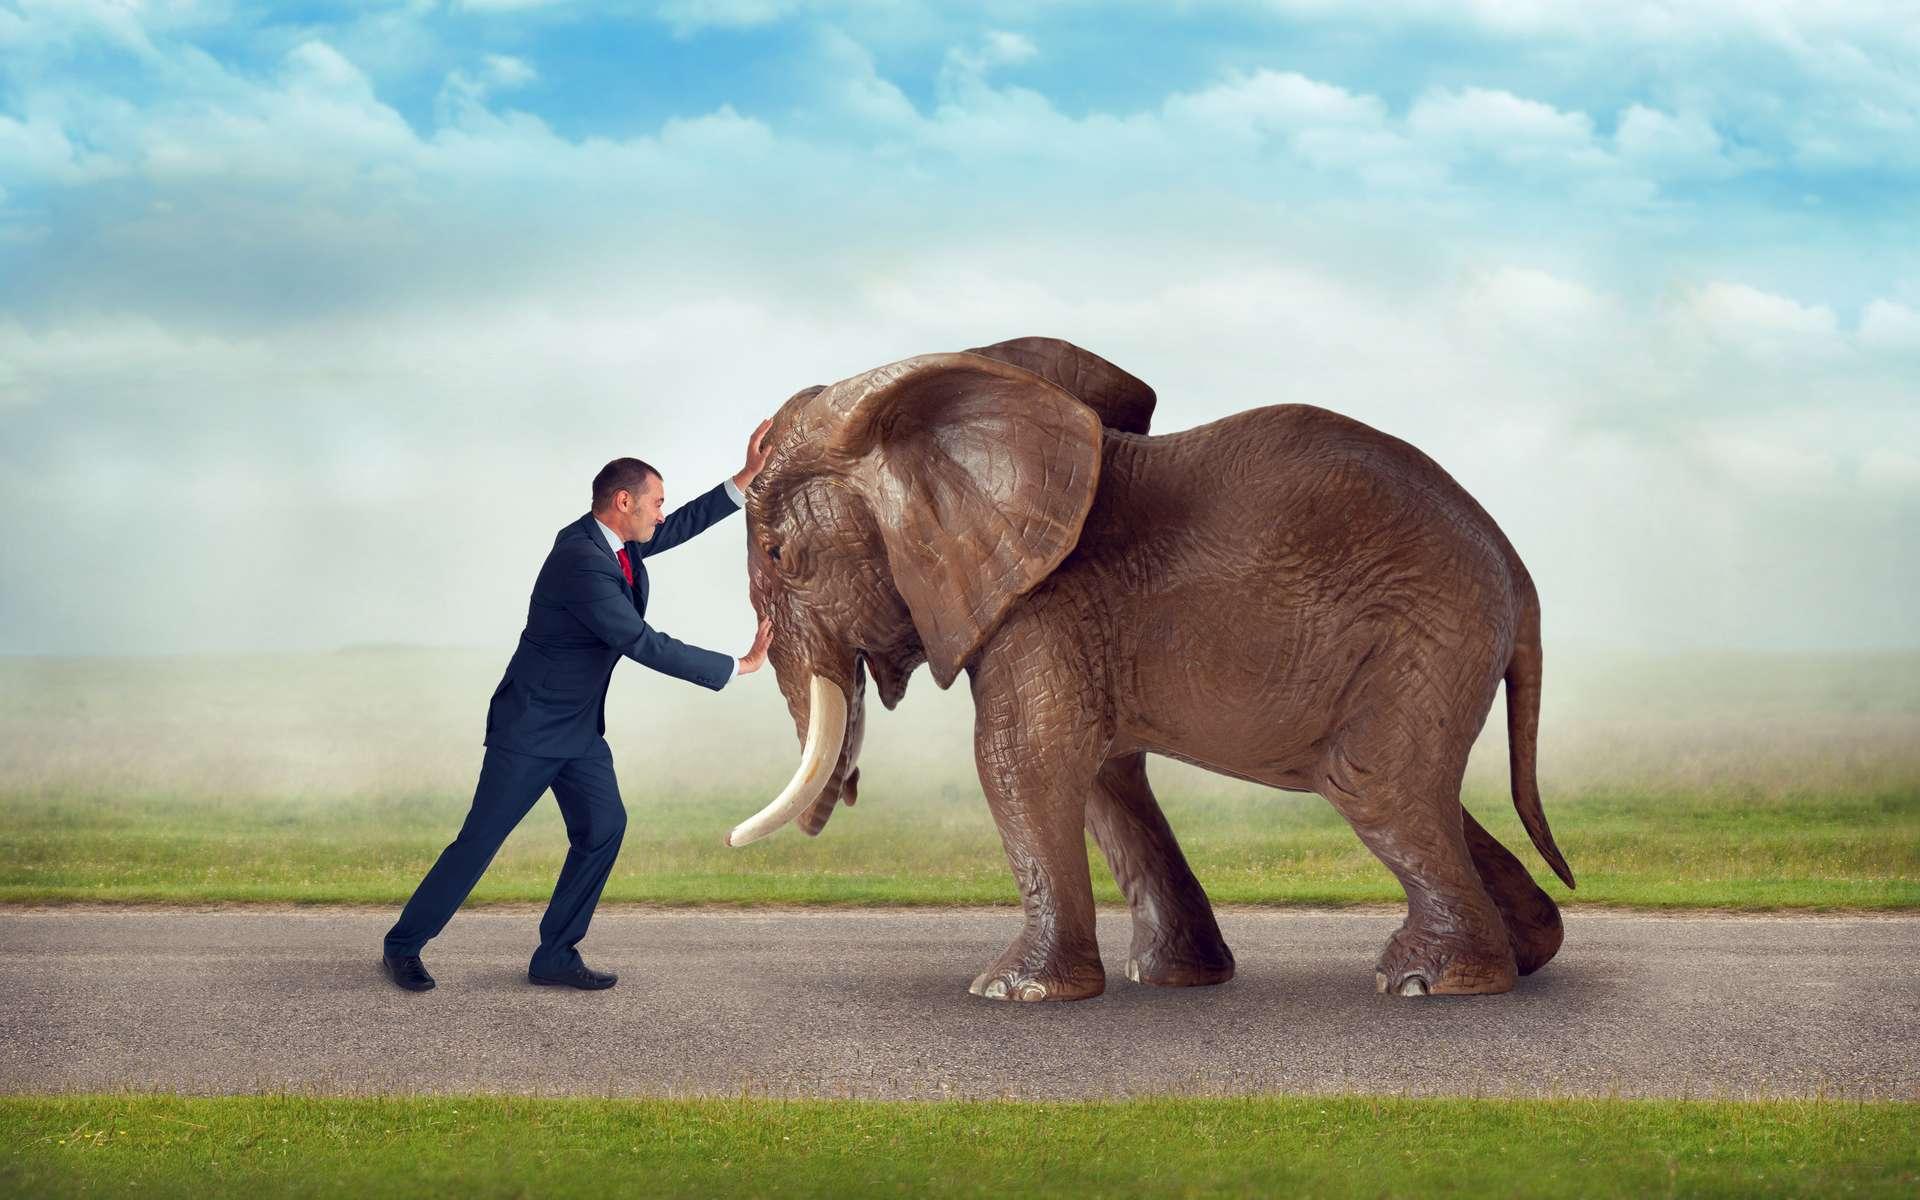 Les conflits entre l'Homme et la faune sauvage s'accentuent à cause des événements climatiques extrêmes. © eelnosiva, Adobe Stock